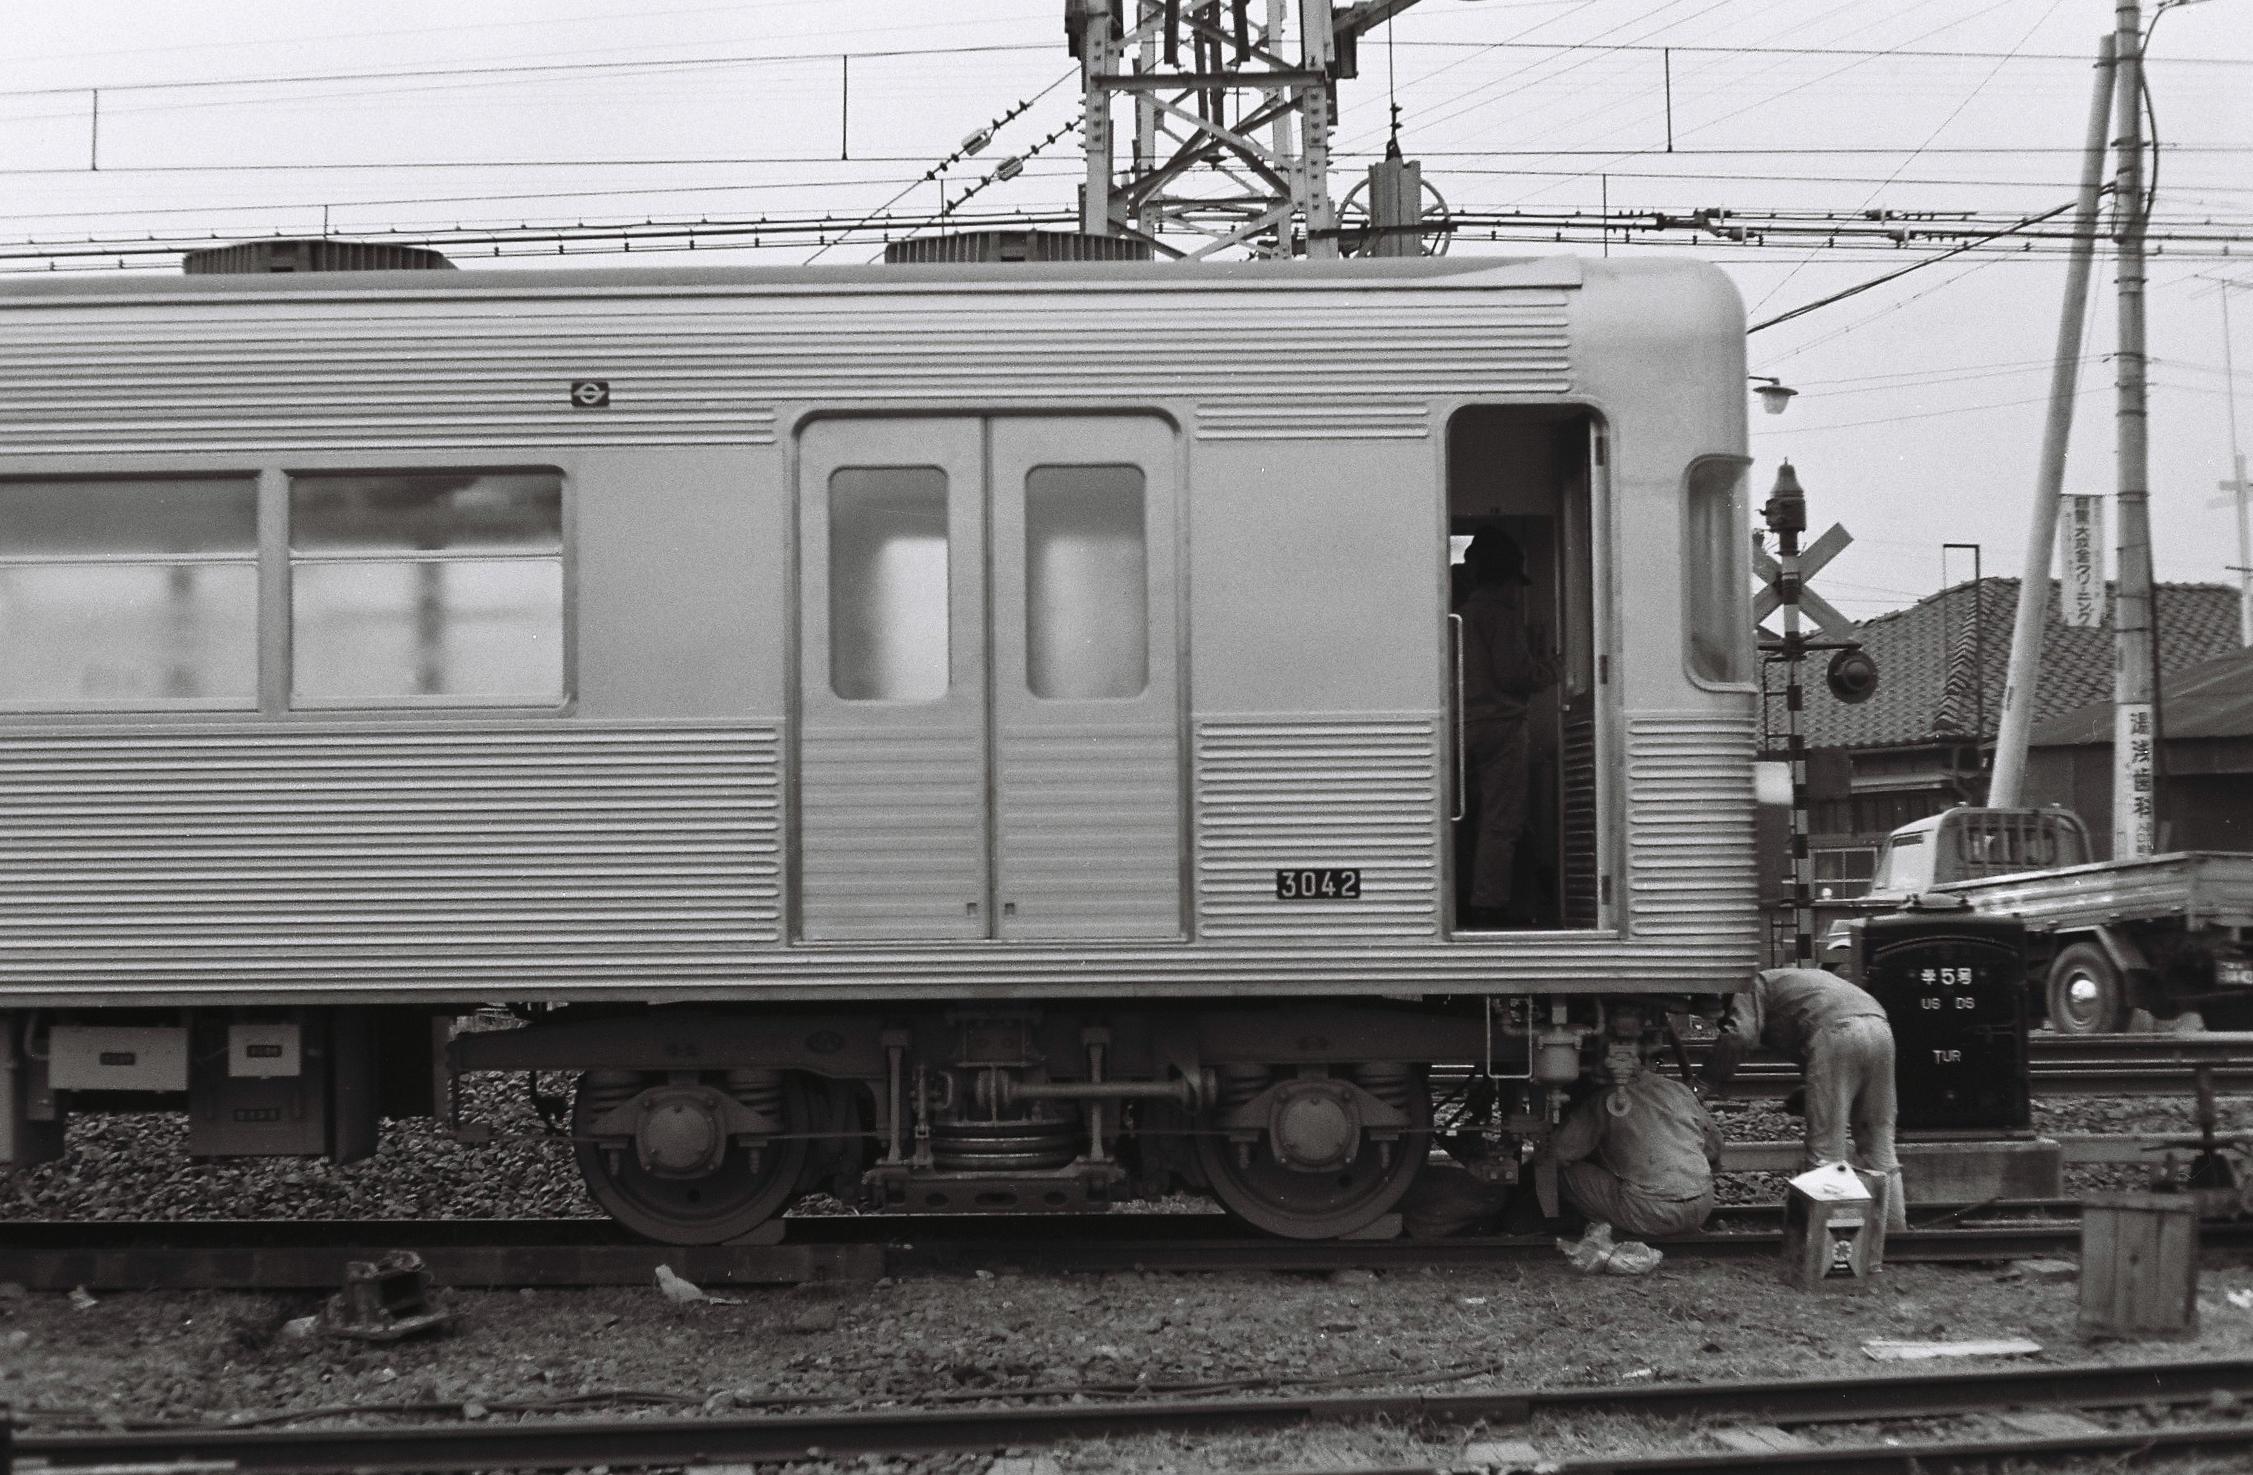 002-033.jpg